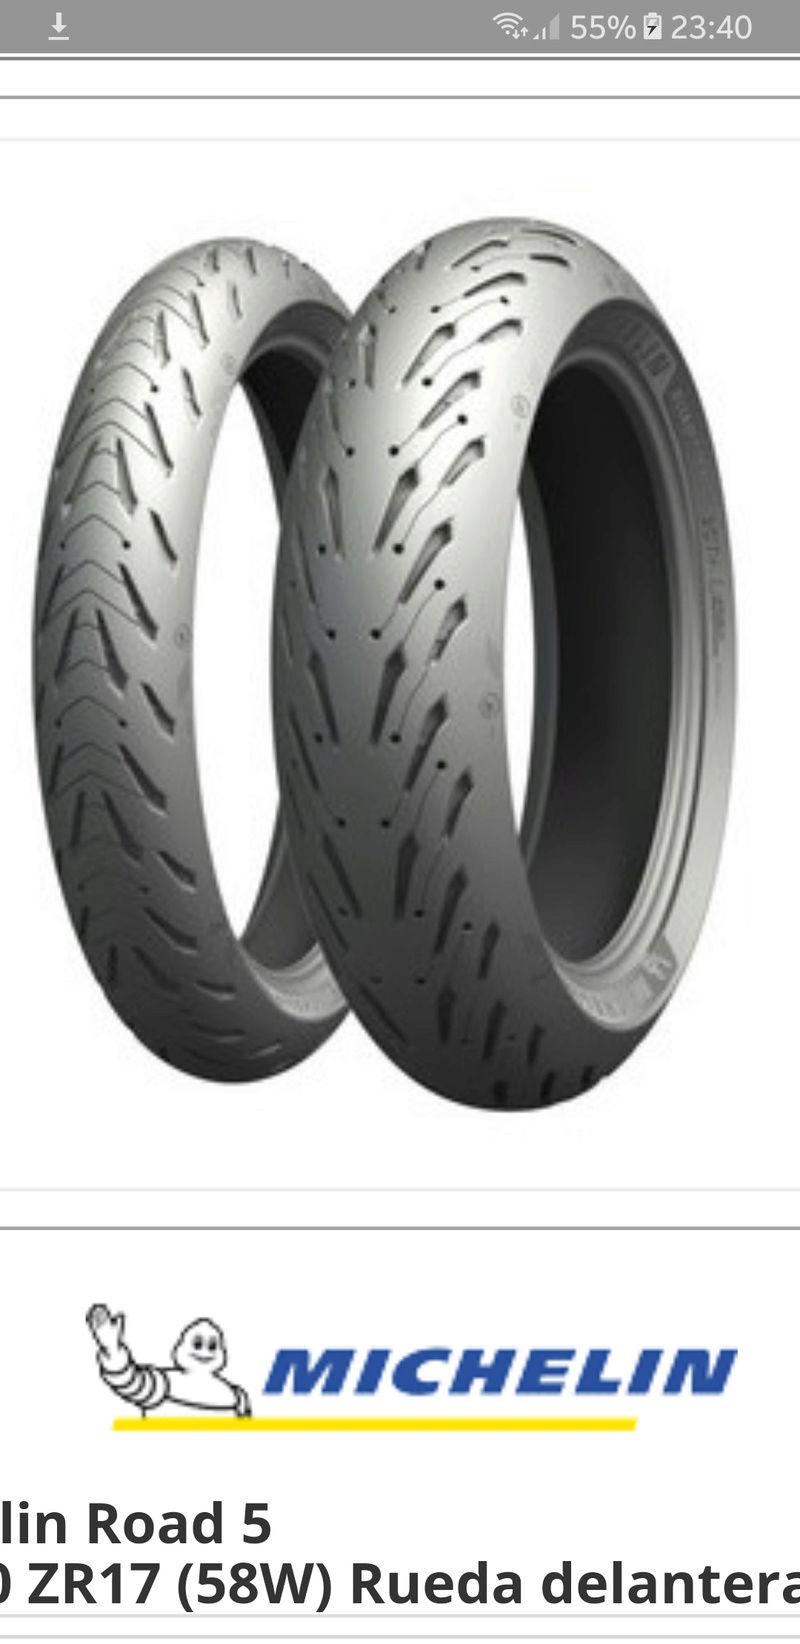 El hilo de los neumáticos.... - Página 38 Screen28